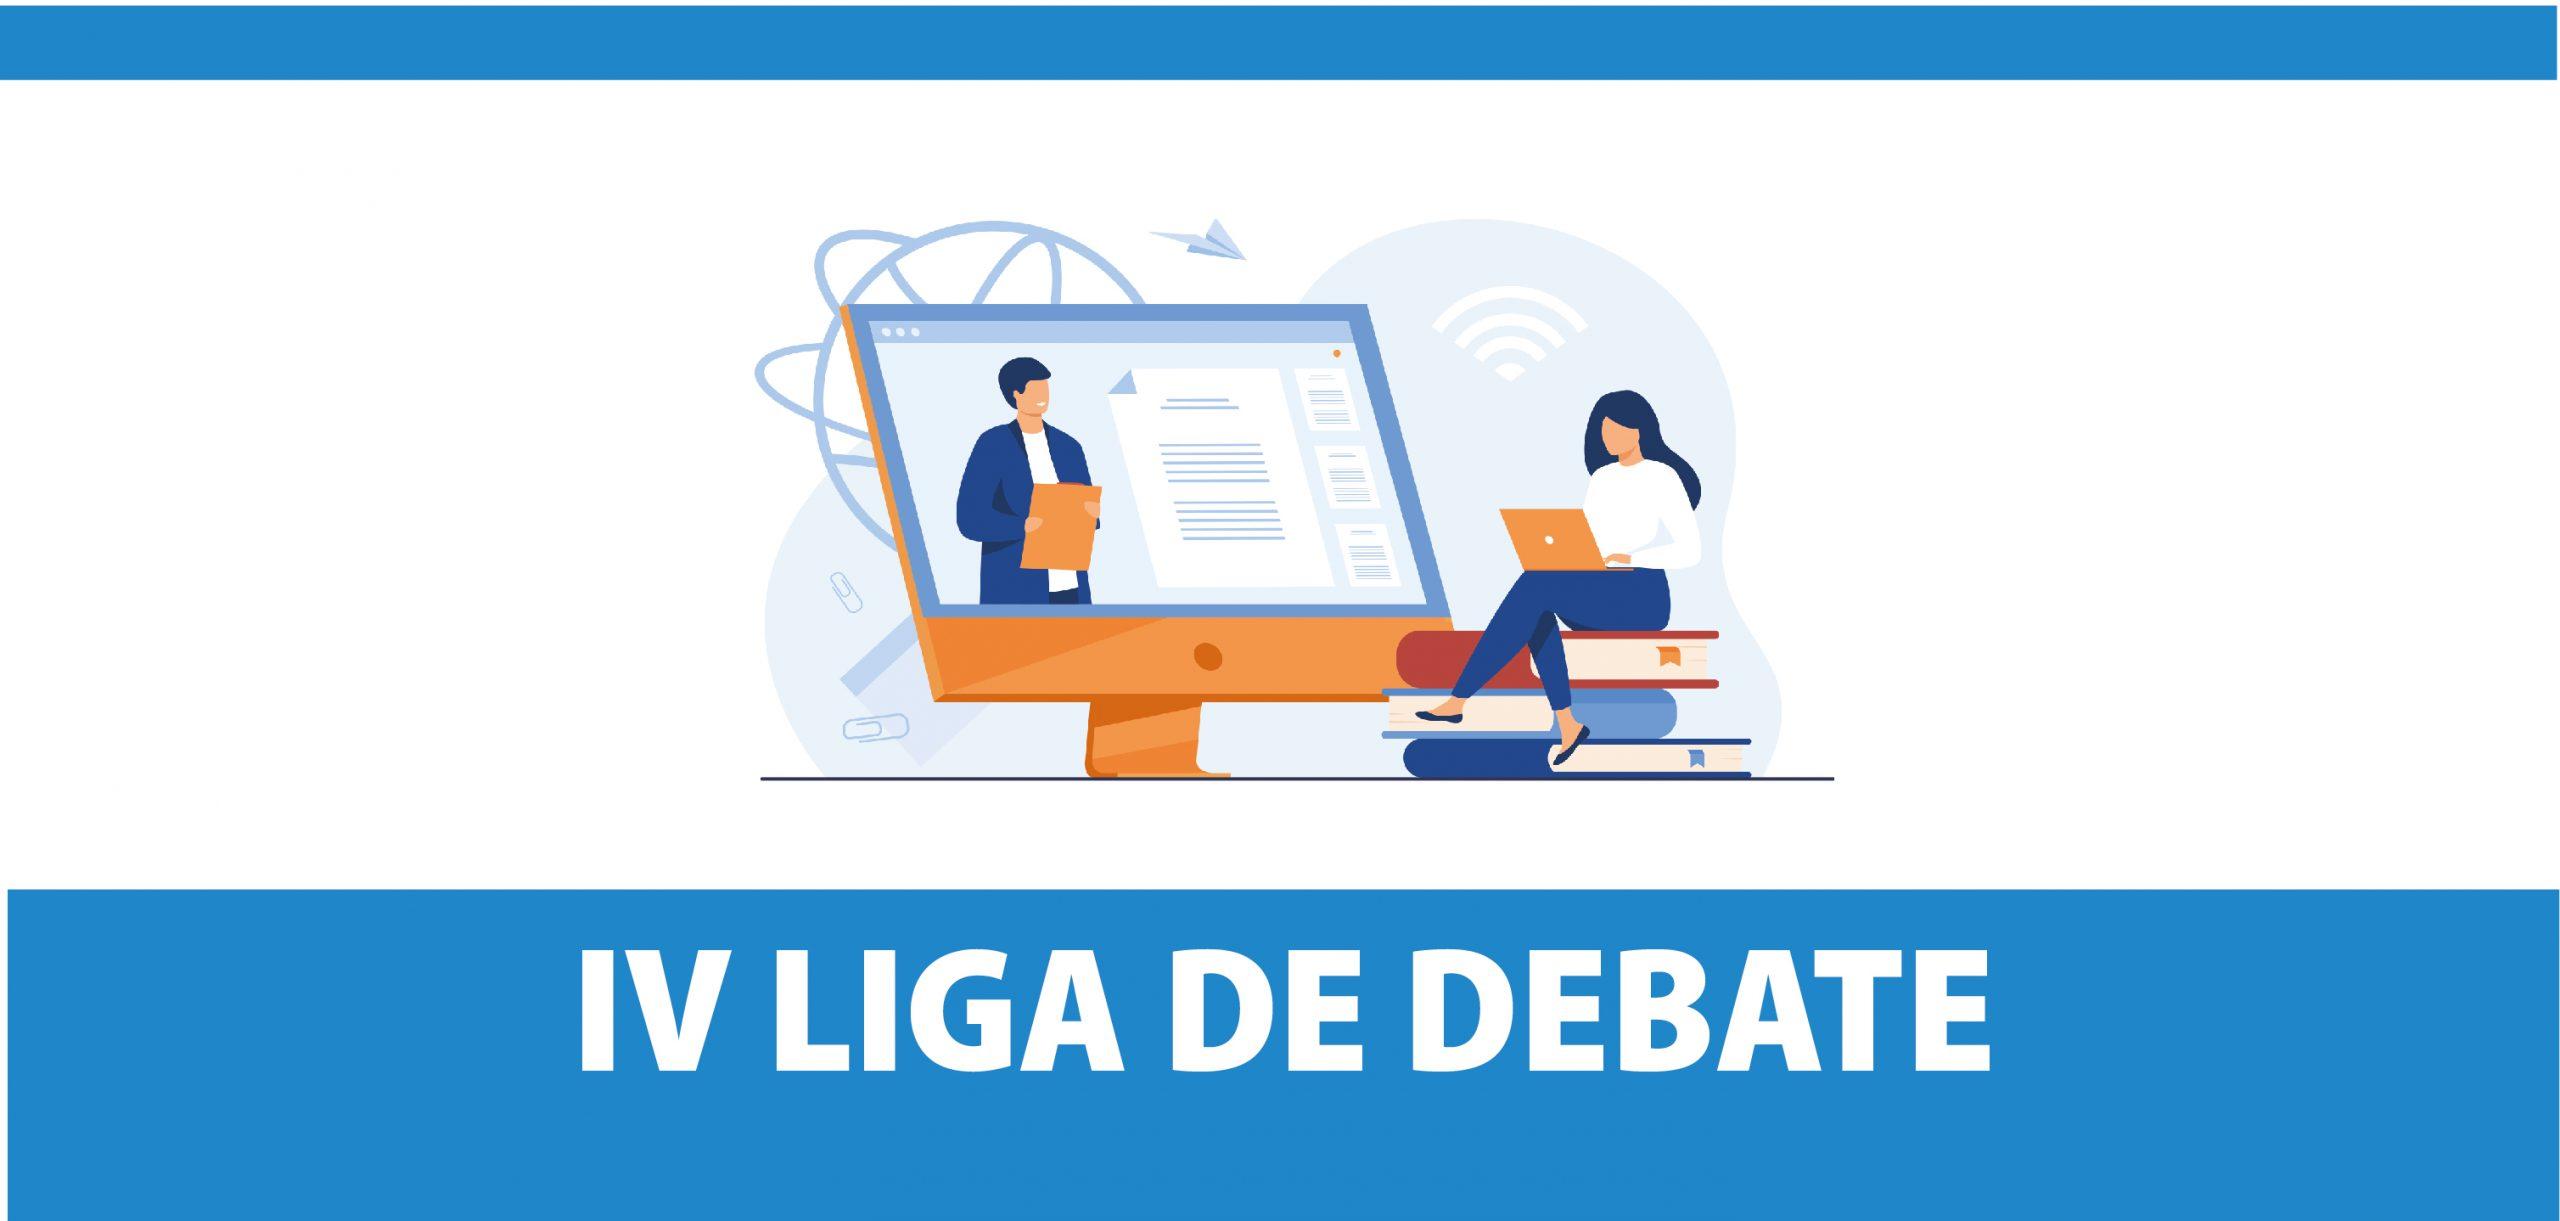 El Curso de Formación y la Liga de Debate de UNEATLANTICO, en su 4ª edición, se realizarán de manera online y se abre a la participación de otras universidades de Latinoamérica de la red de Funiber